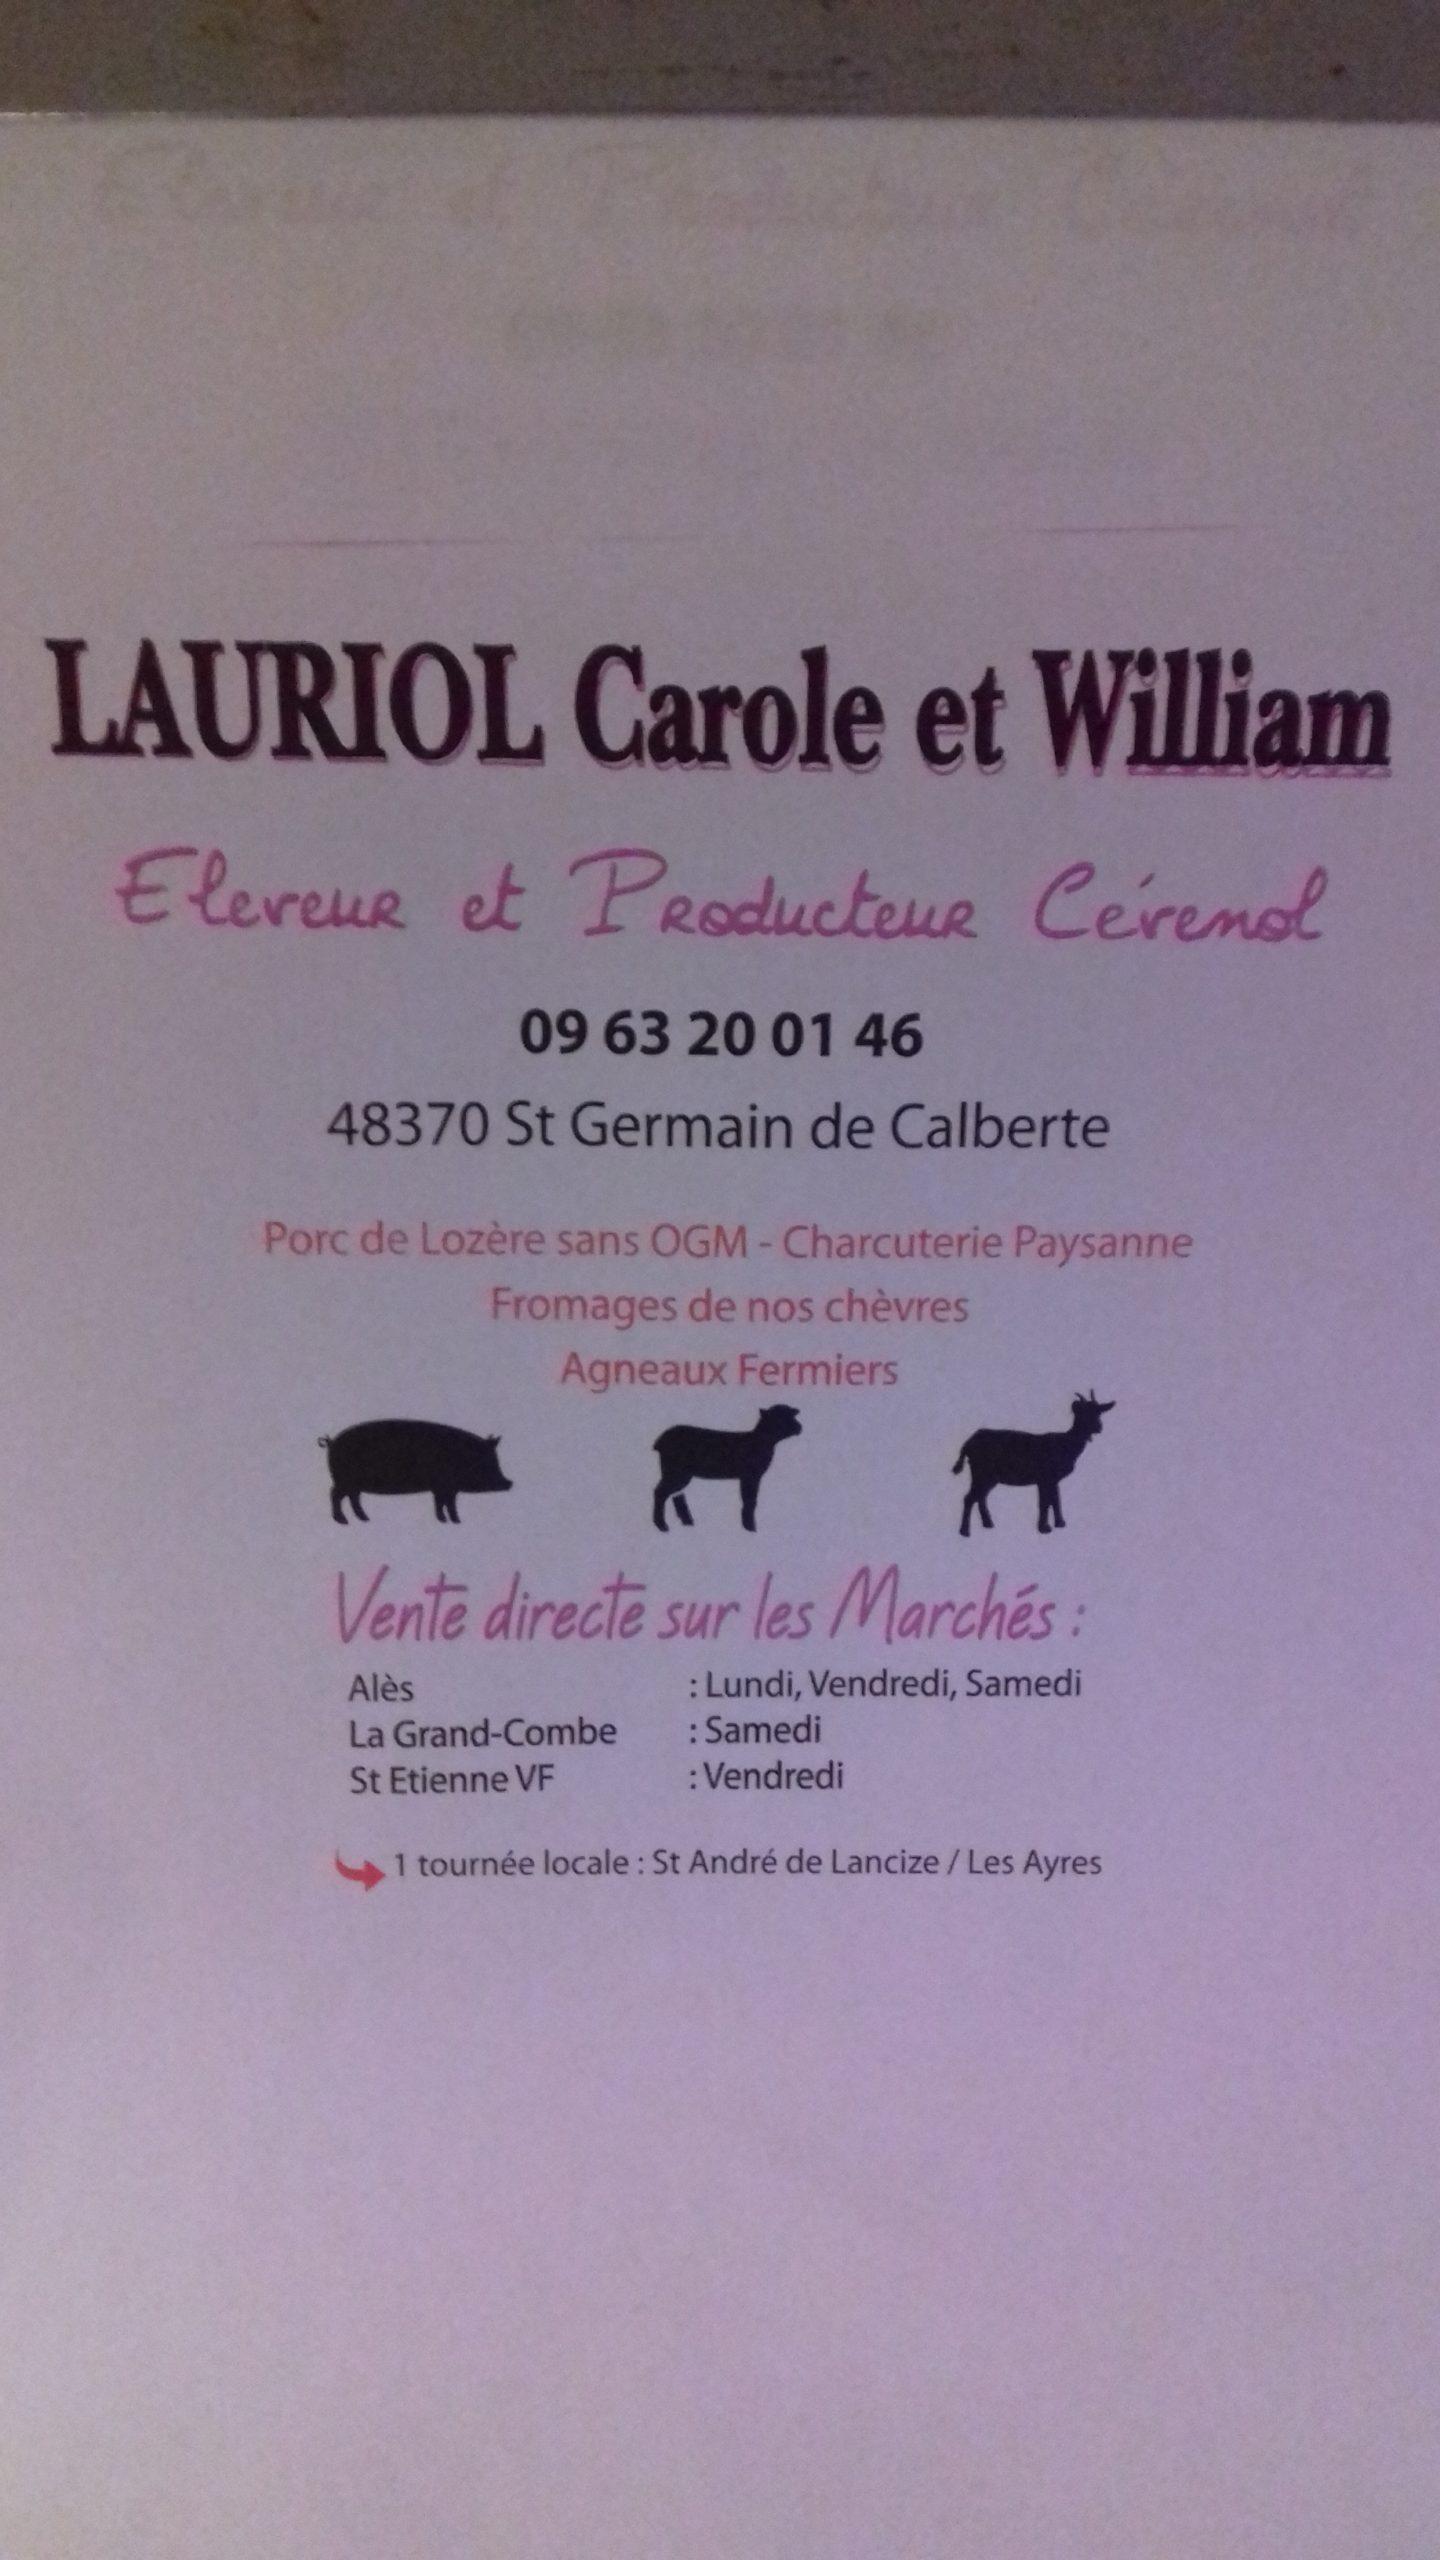 Lauriol Carole & William